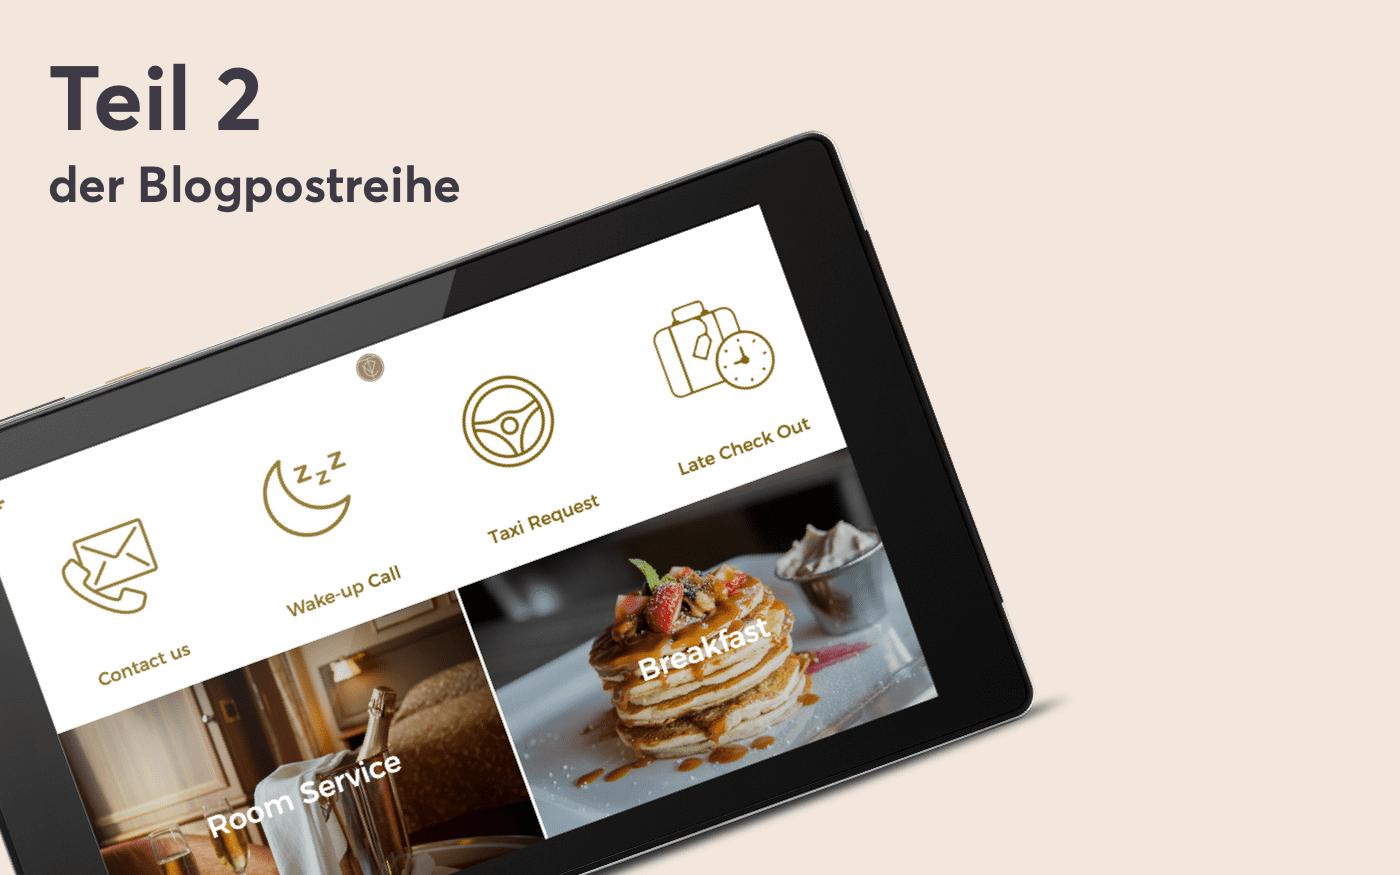 Teil 2 der Blogpostreihe - Die Möglichkeiten der digitalen Gästemappe